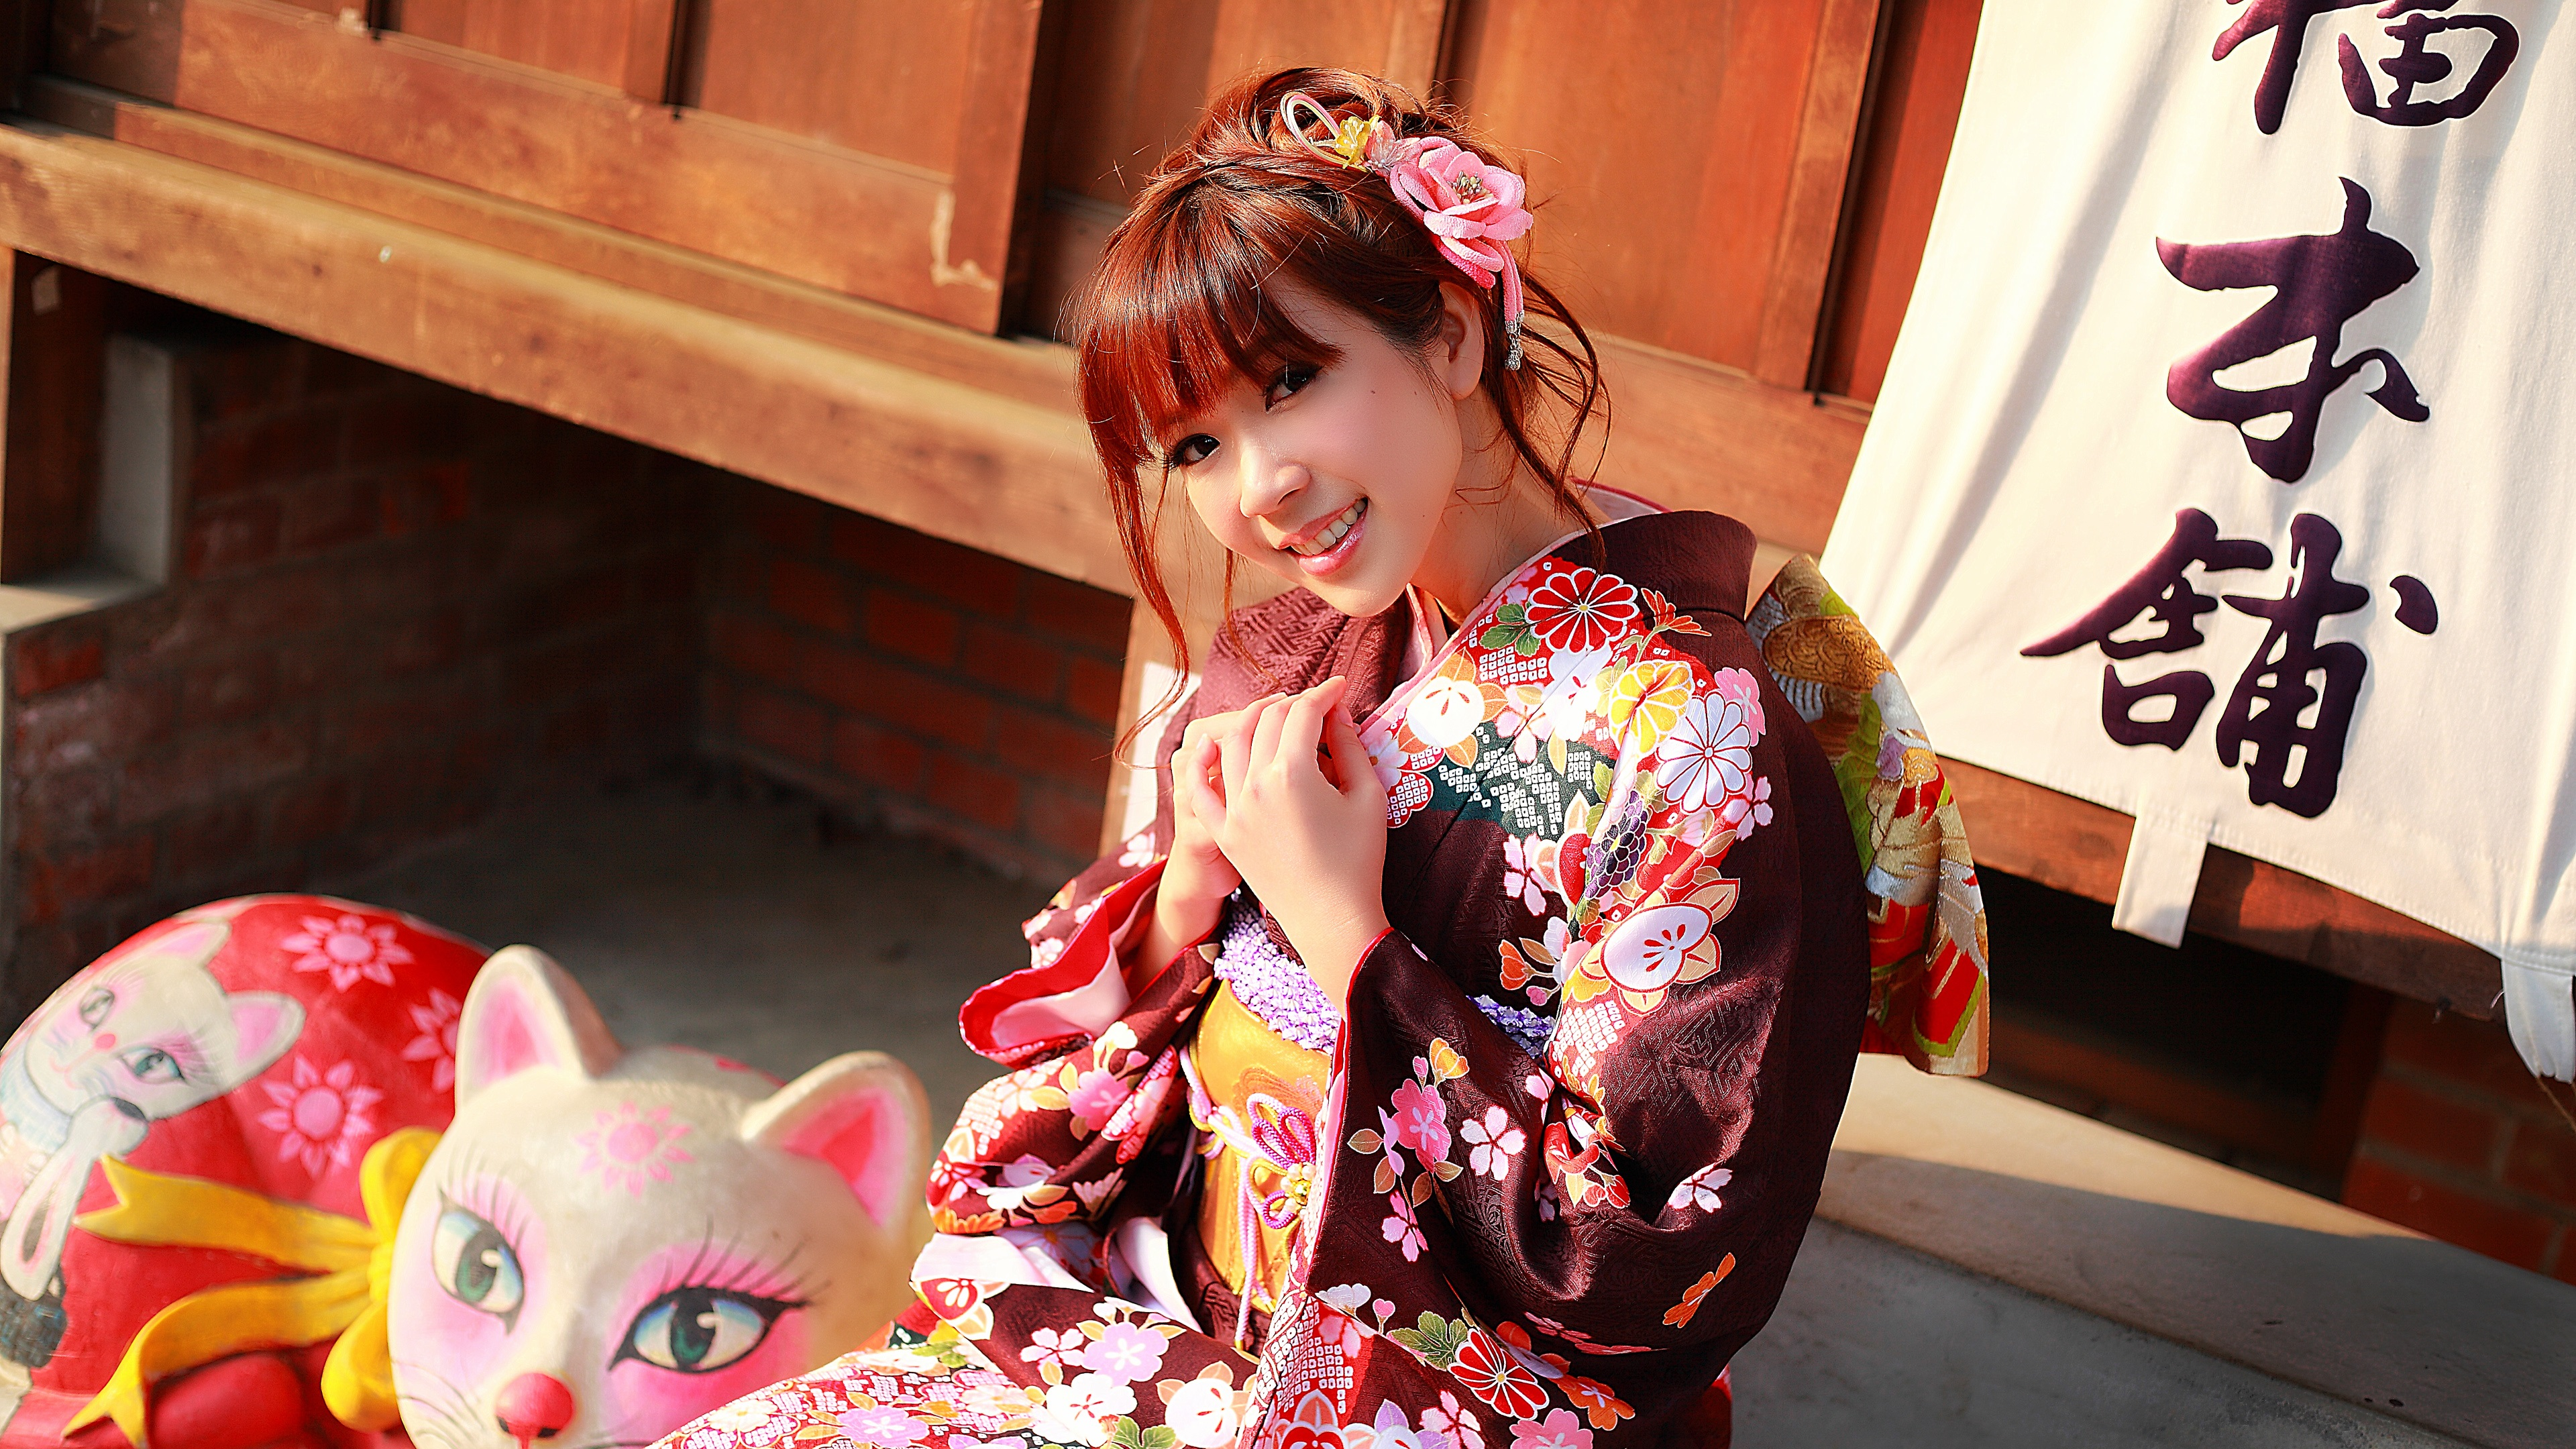 壁紙 日本人の美しい着物 3840x2160 Uhd 4k 無料のデスクトップの背景